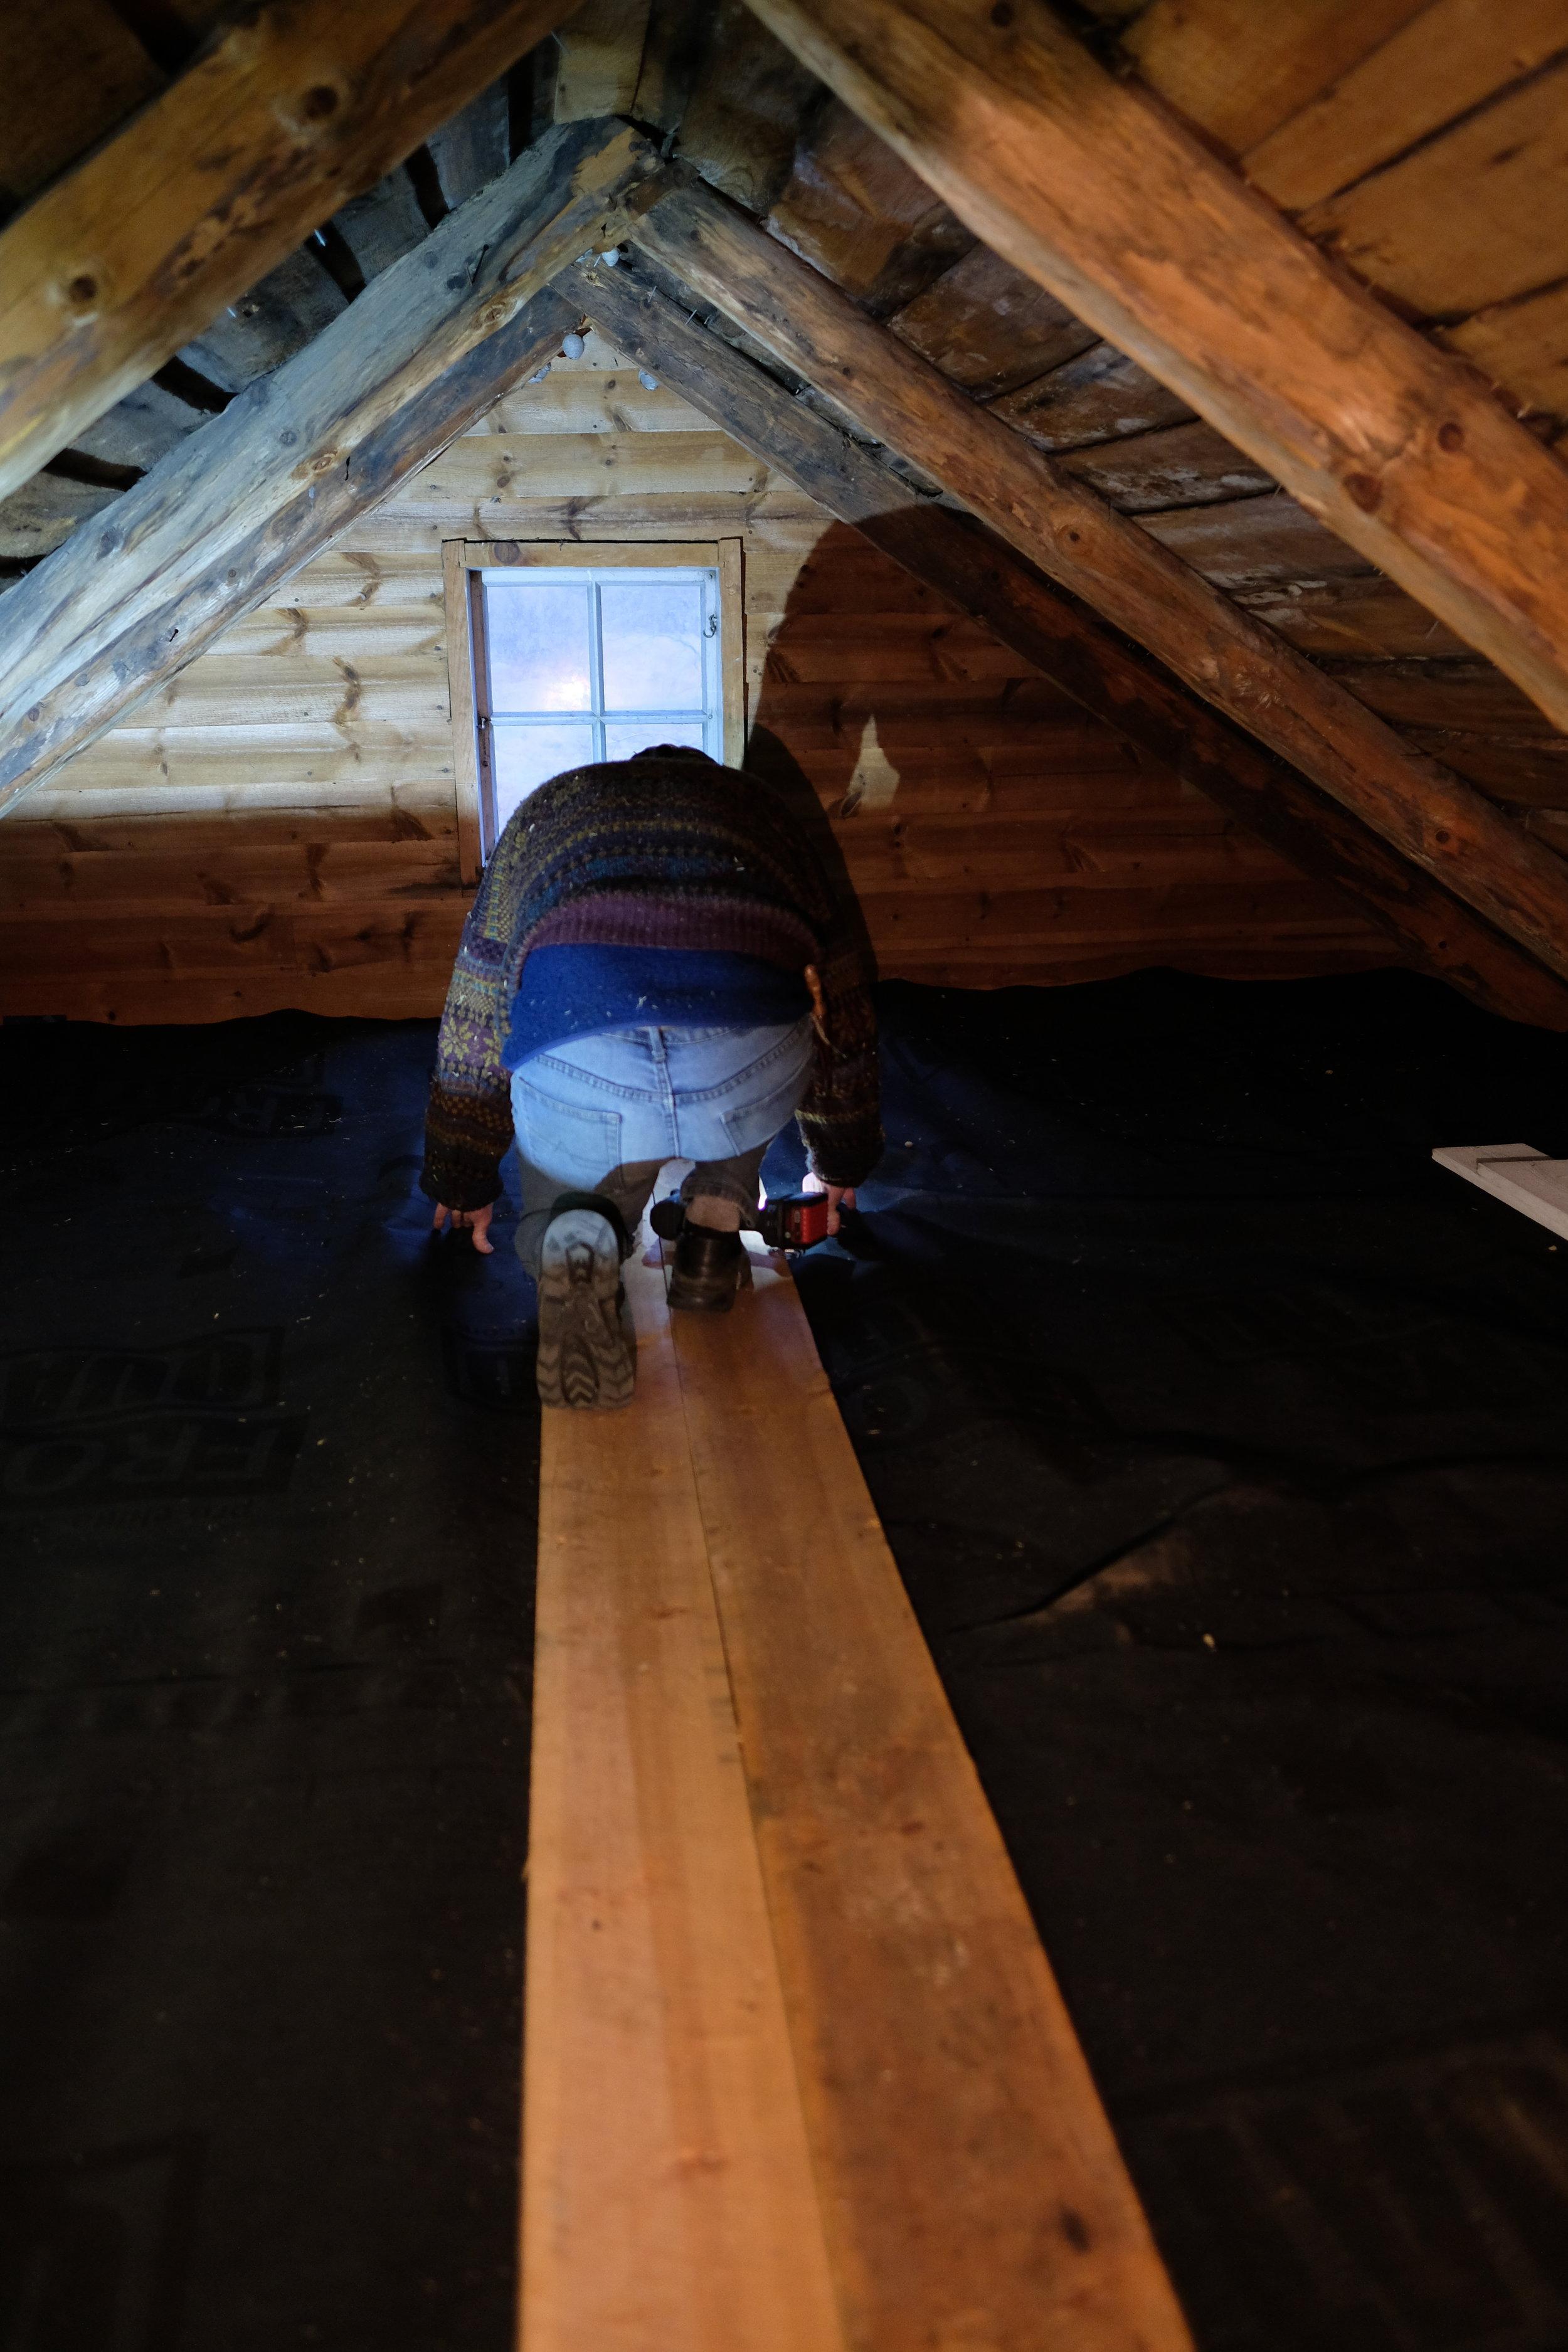 Pensjonistpappa i startfasen med å legga golv. Her ser de óg den moteriktige svarte vindsperra. Pensjonistpappa var forøvrig den som la på plass litt Glava-isolasjon for 40 år sidan. Då var det han og besten som dreiv på. No er det eg og pappa. Eg håpar verkeleg at eg slepp å isolera same golvet opptatt om 40 år for å seia det slik